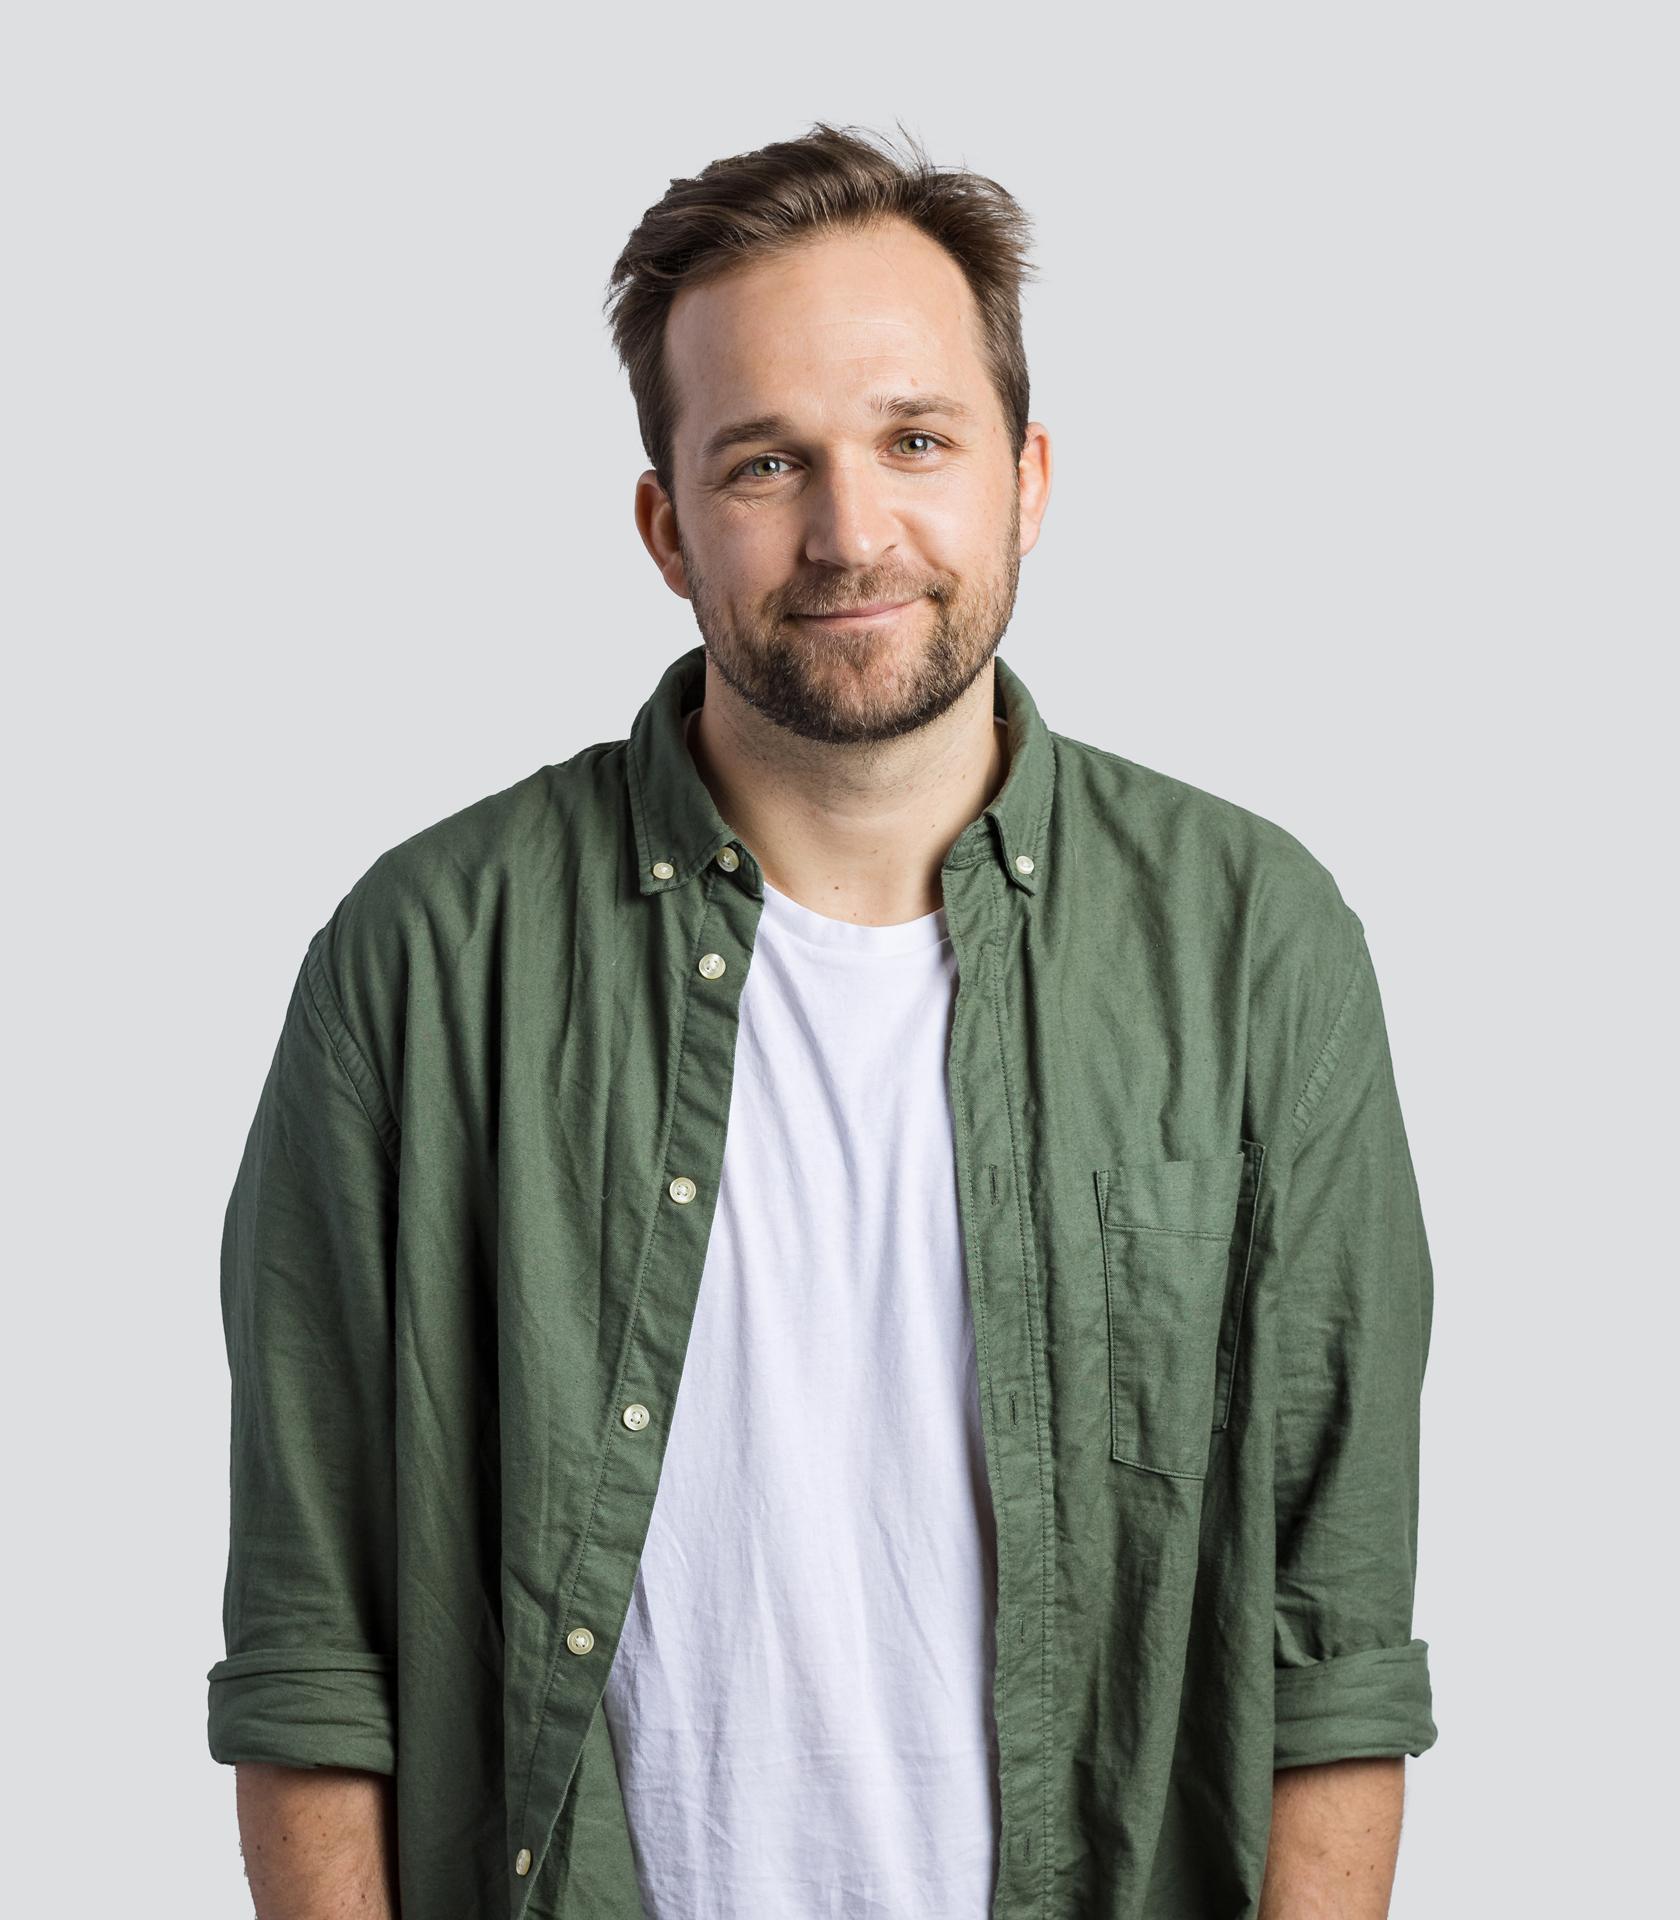 Rasmus Keller